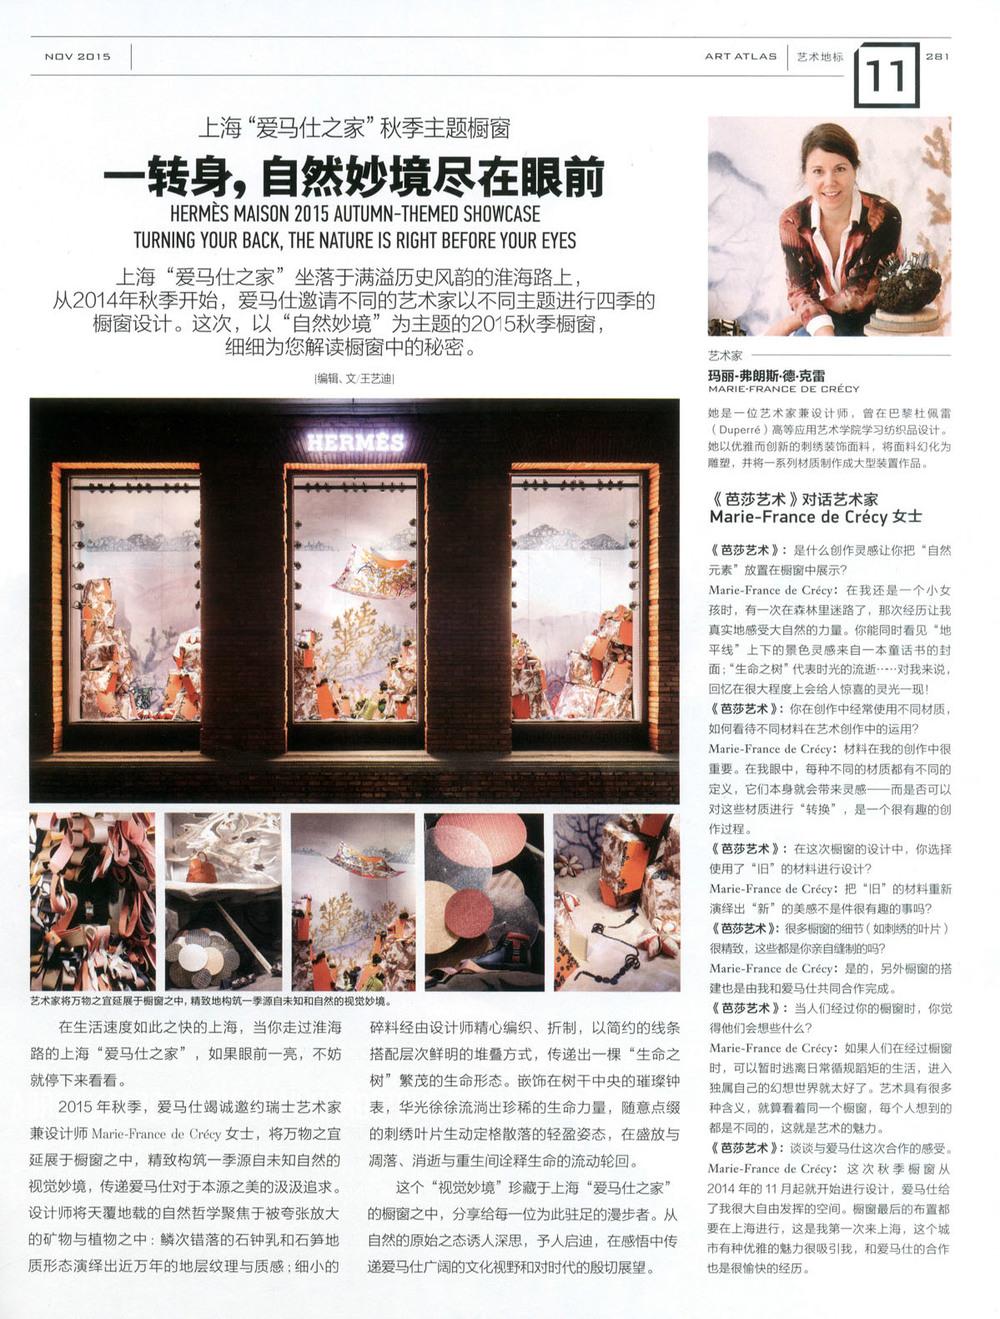 China-BAZAAR ART(芭莎艺术)-November-P281-2.jpg